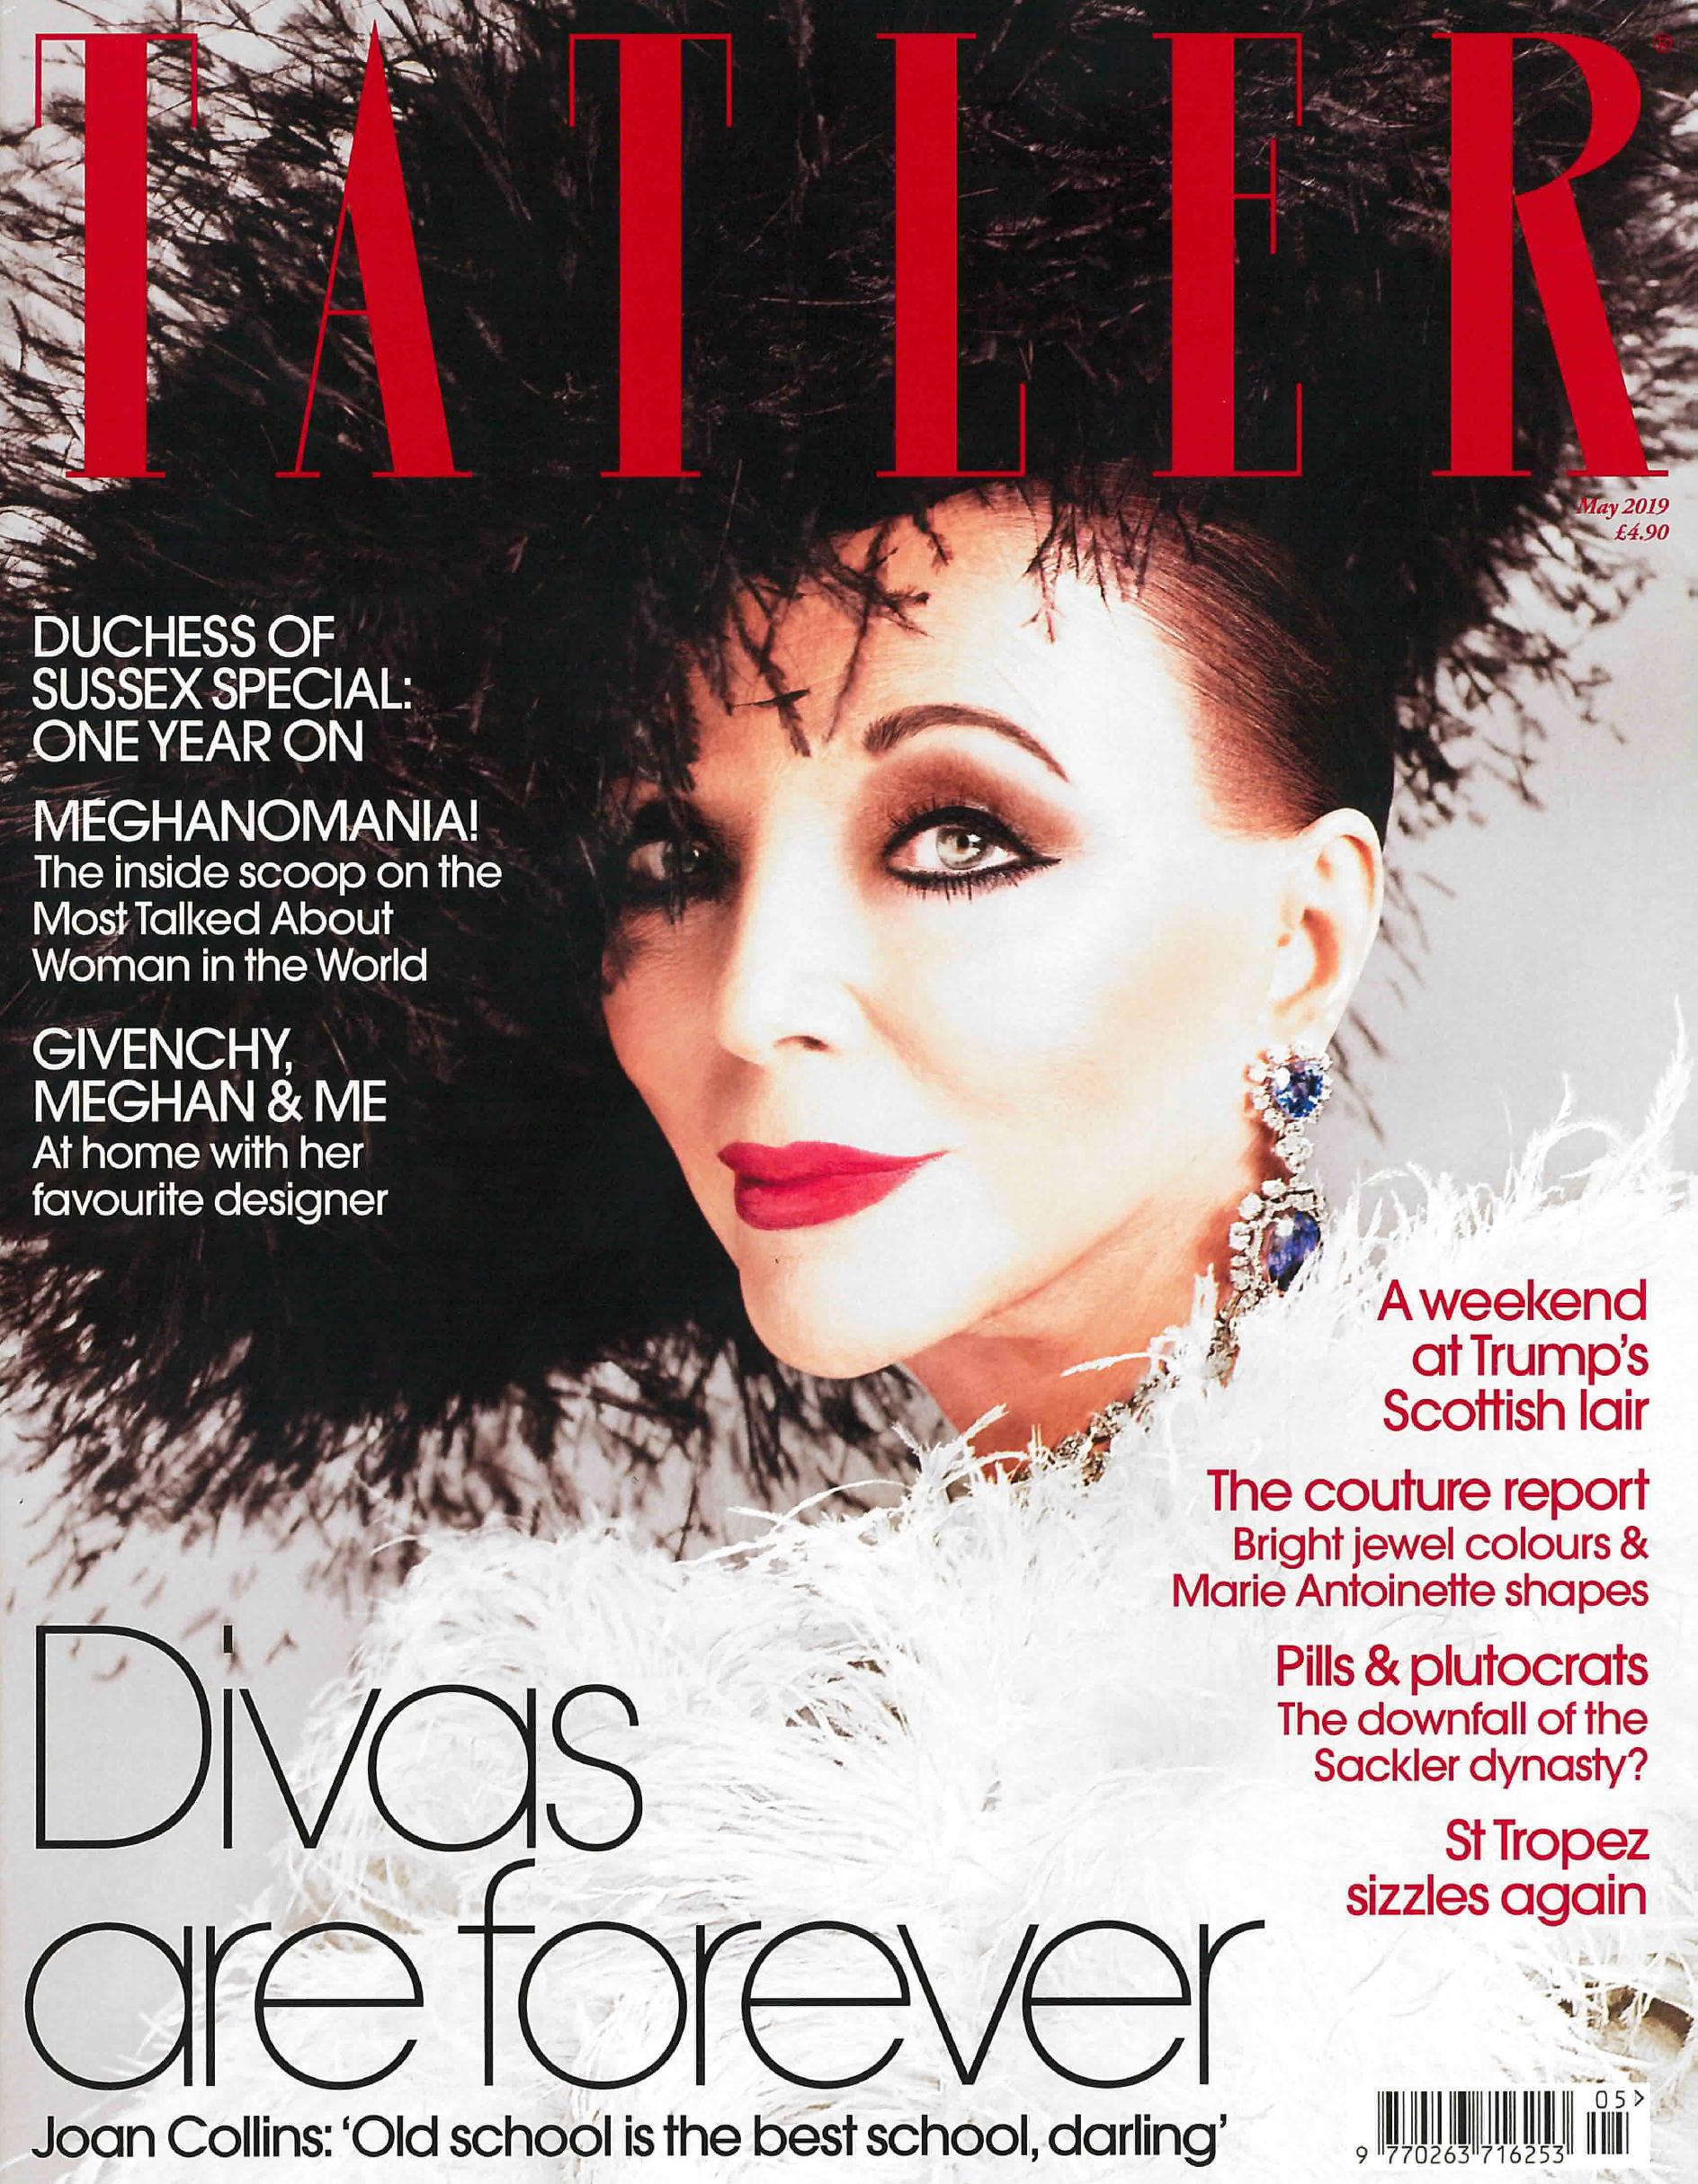 Tatler UK May 2019 Issue - Advertorial